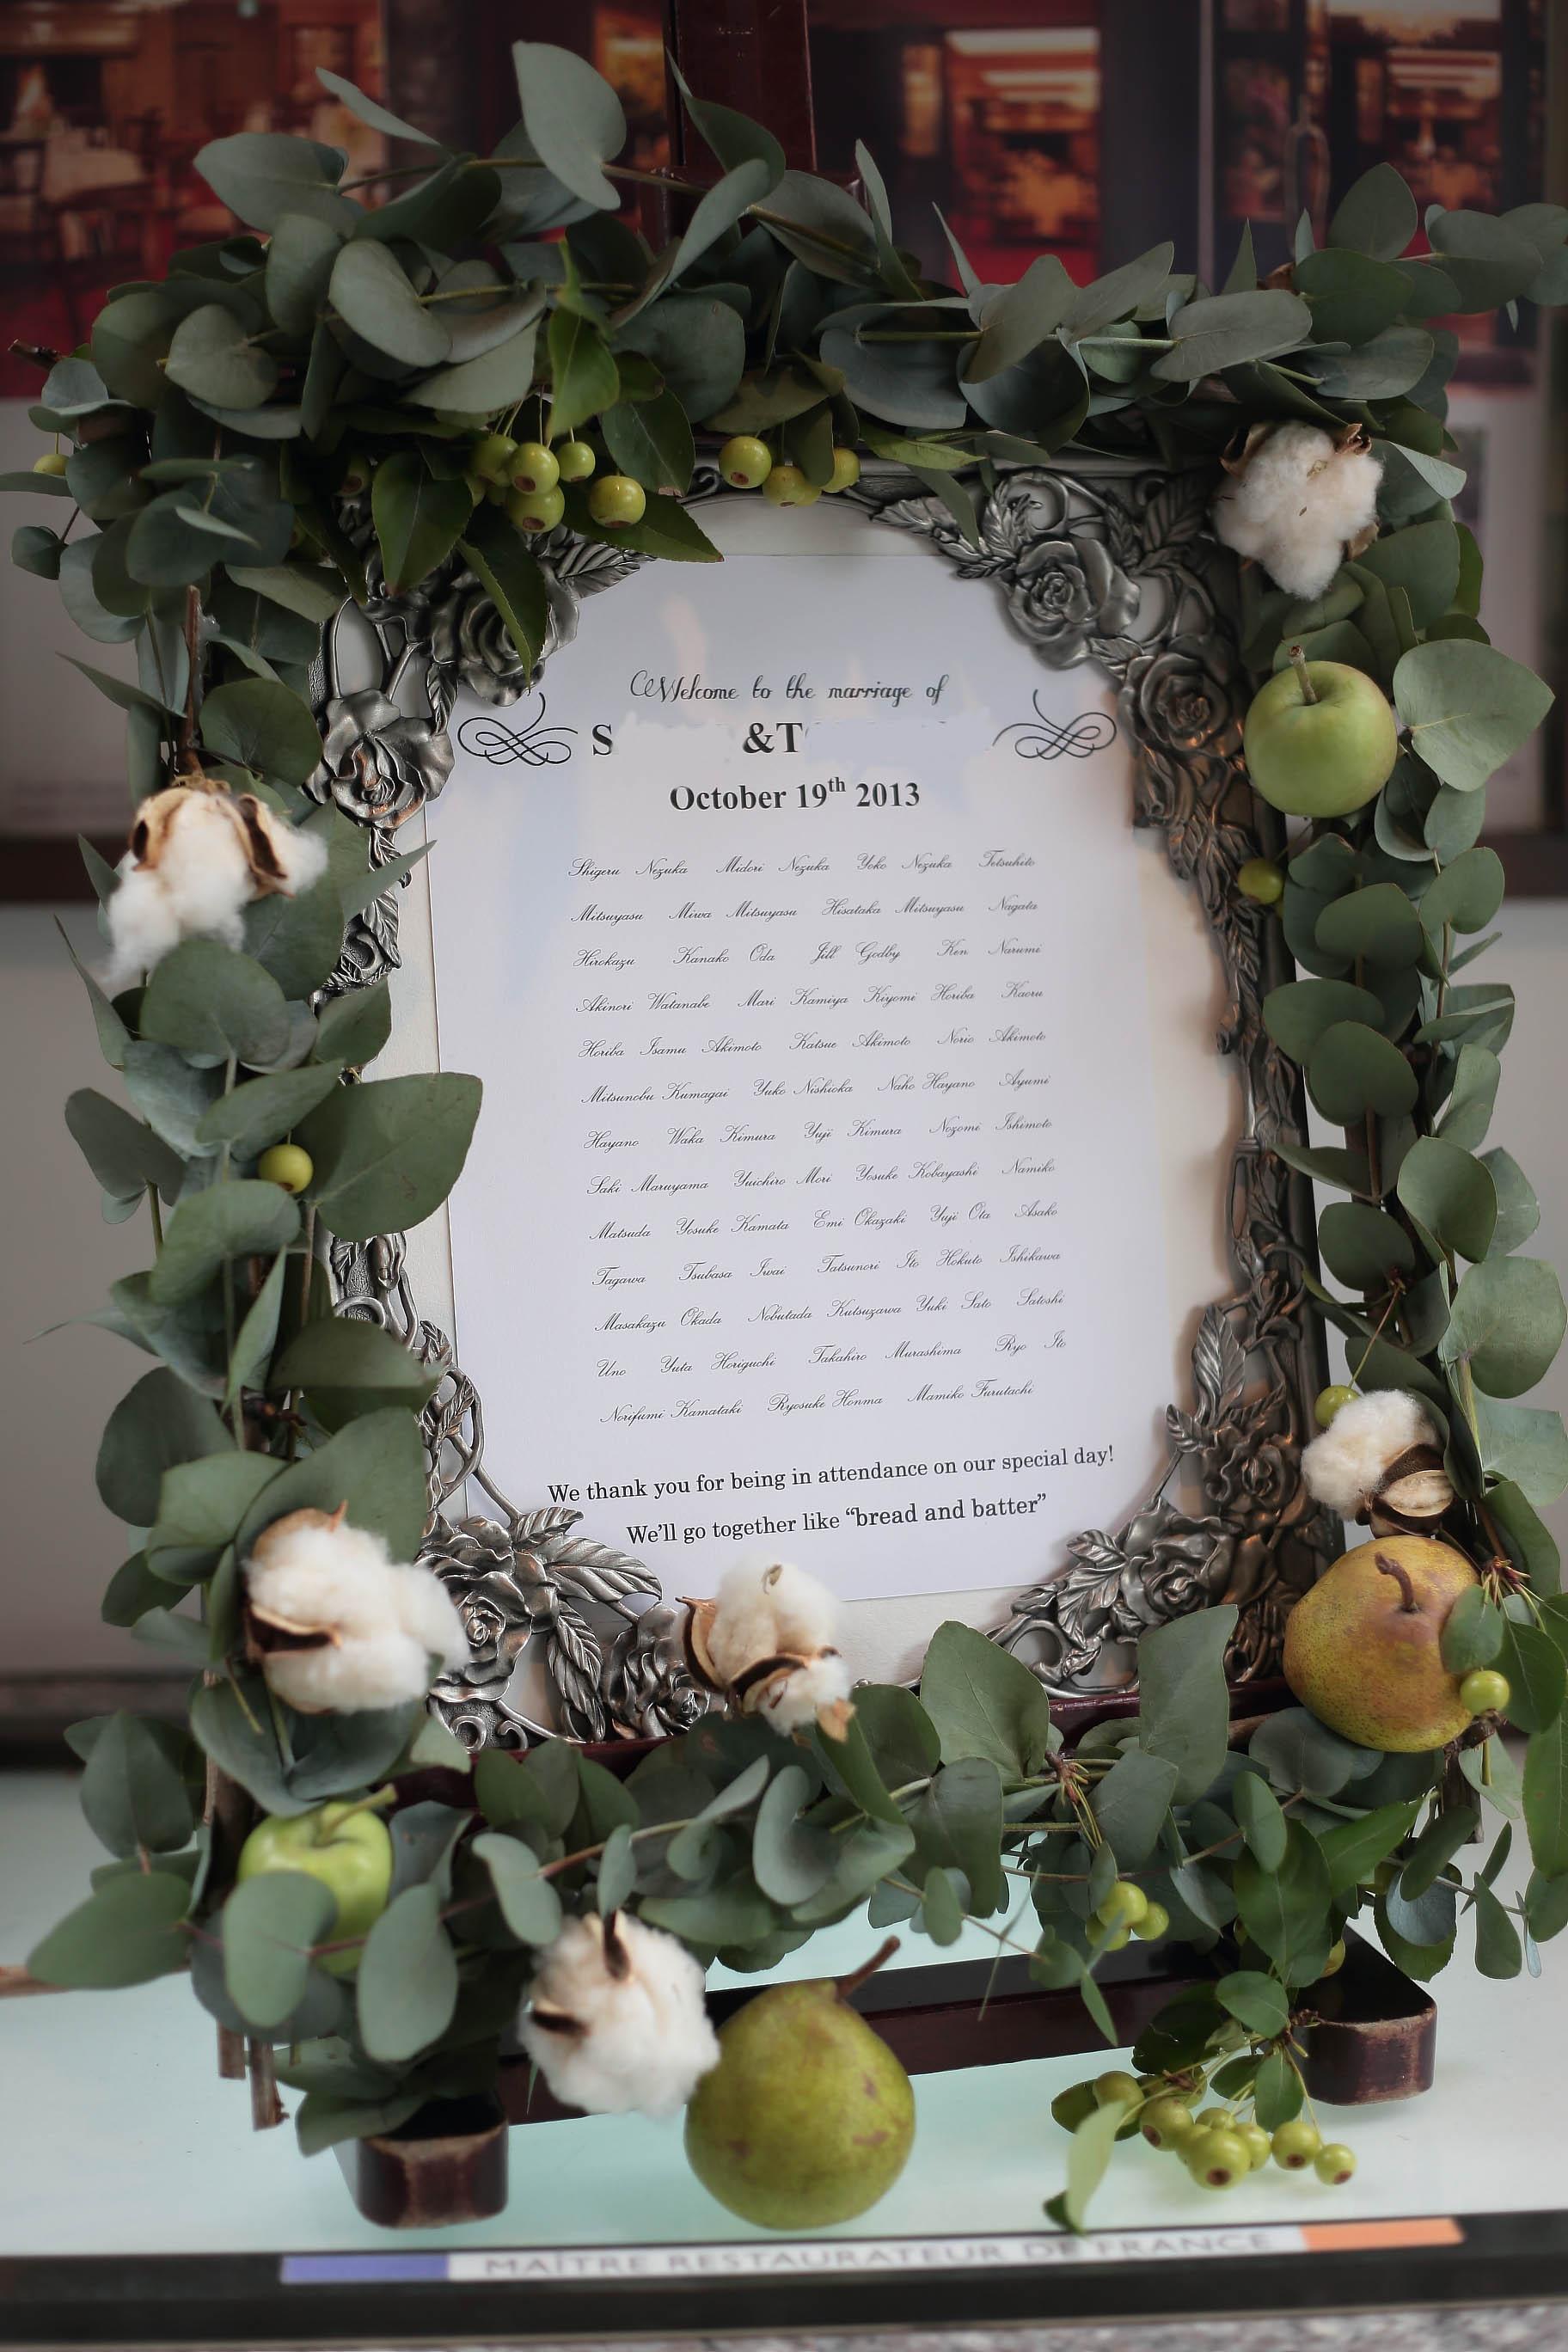 秋の装花 絵本と収穫祭 代官山PACHON様へ_a0042928_21551798.jpg